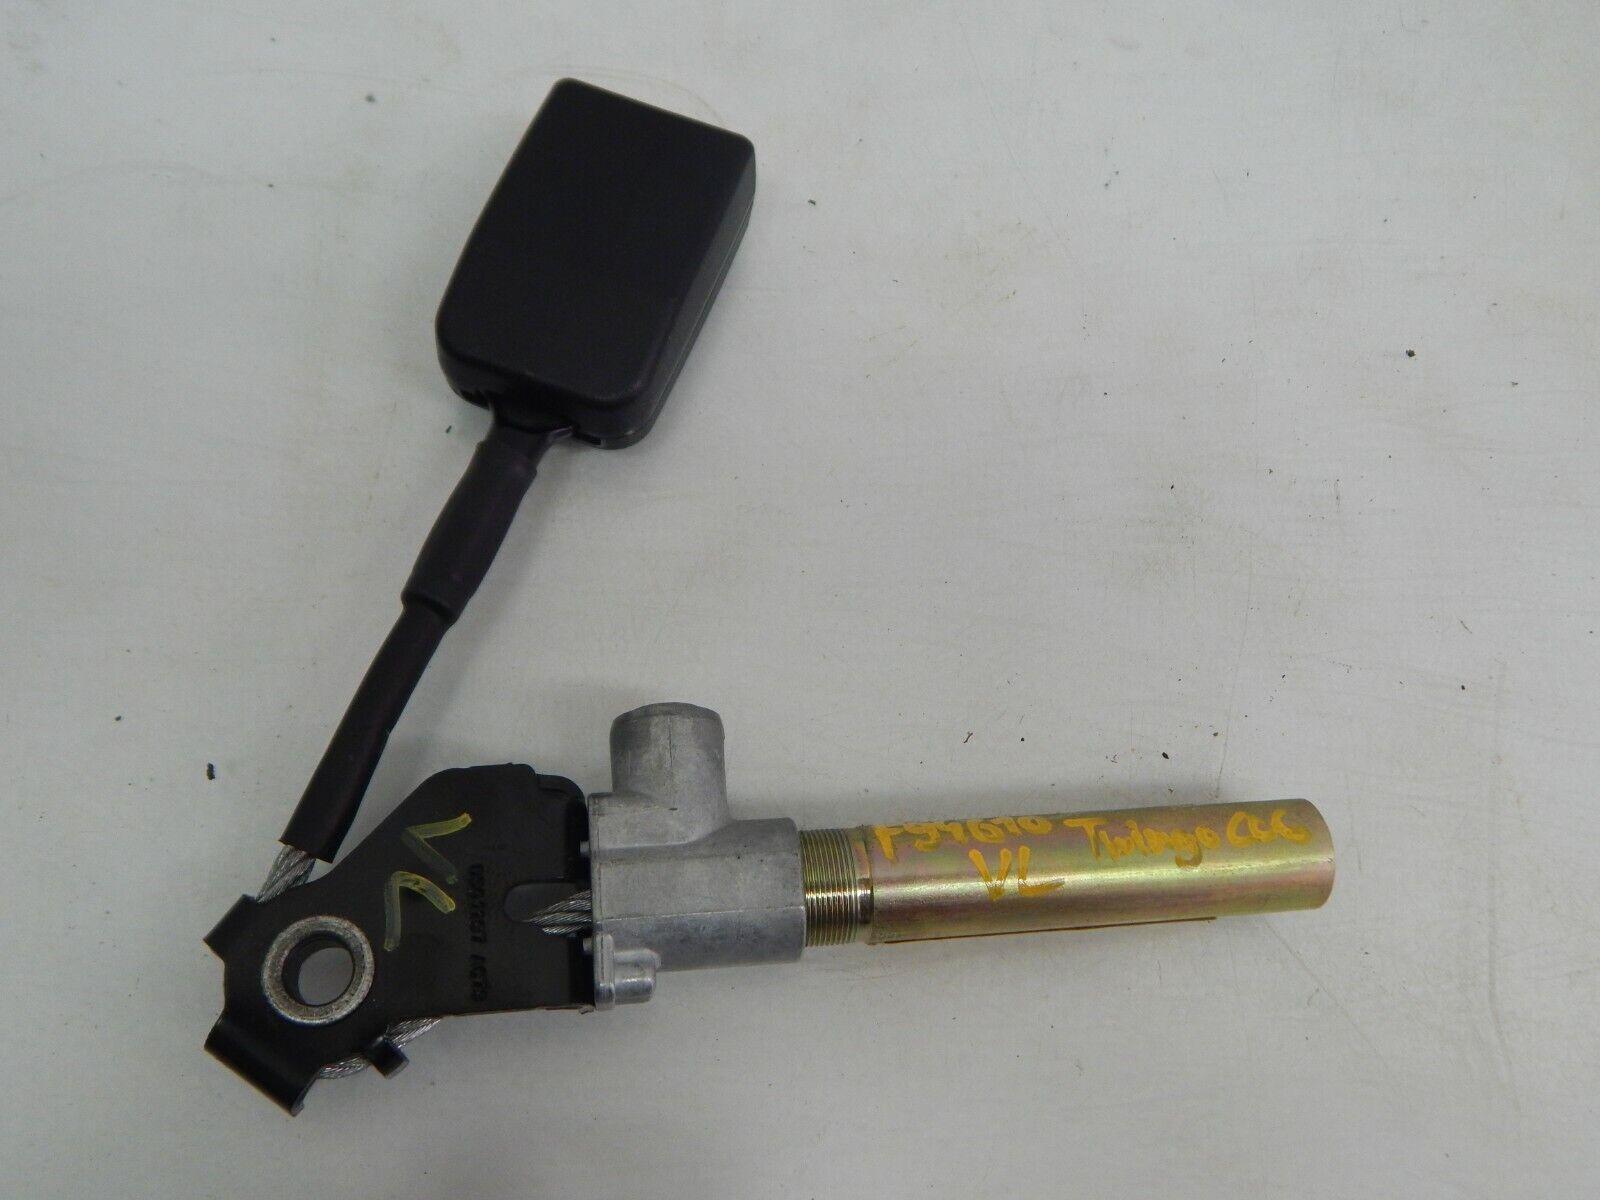 HZTWFC Lascensore di gas del cofano anteriore sinistro sinistro da 2 pezzi supporta il supporto ammortizzatore 510MM 320N OEM # 30649736